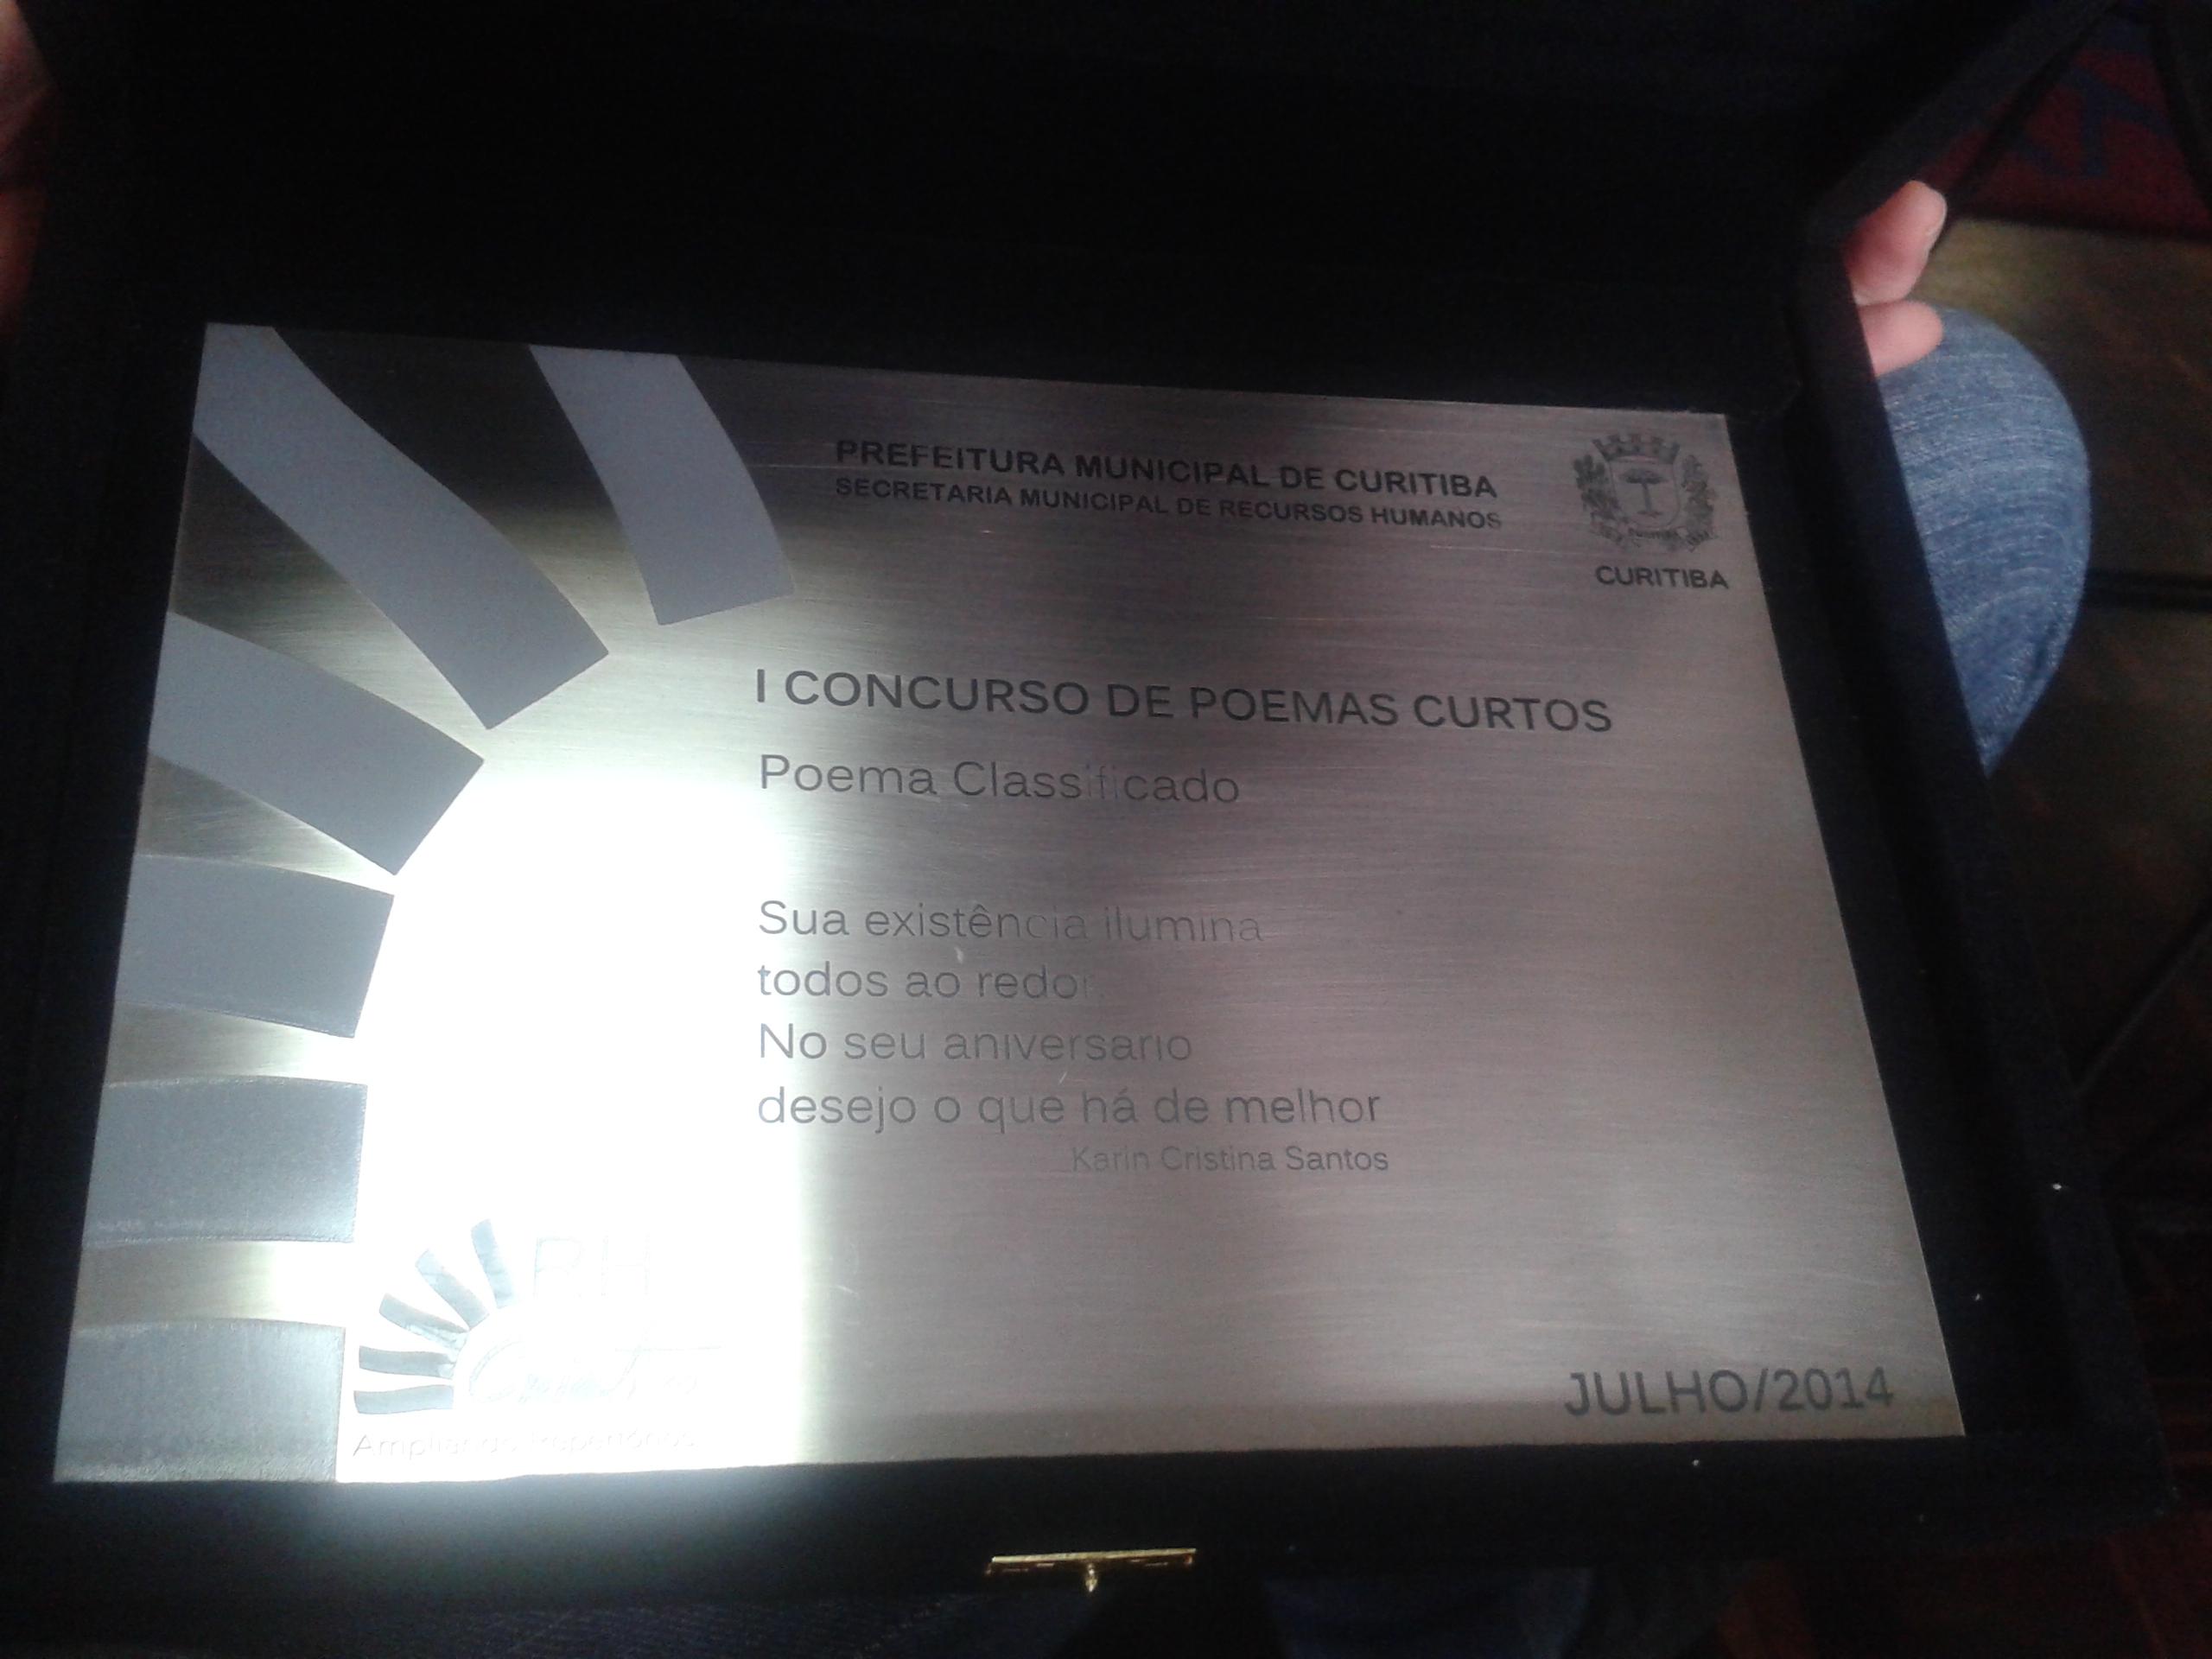 Karin Cristina Santos - 1º Concurso de Poemas Curtos da PMC